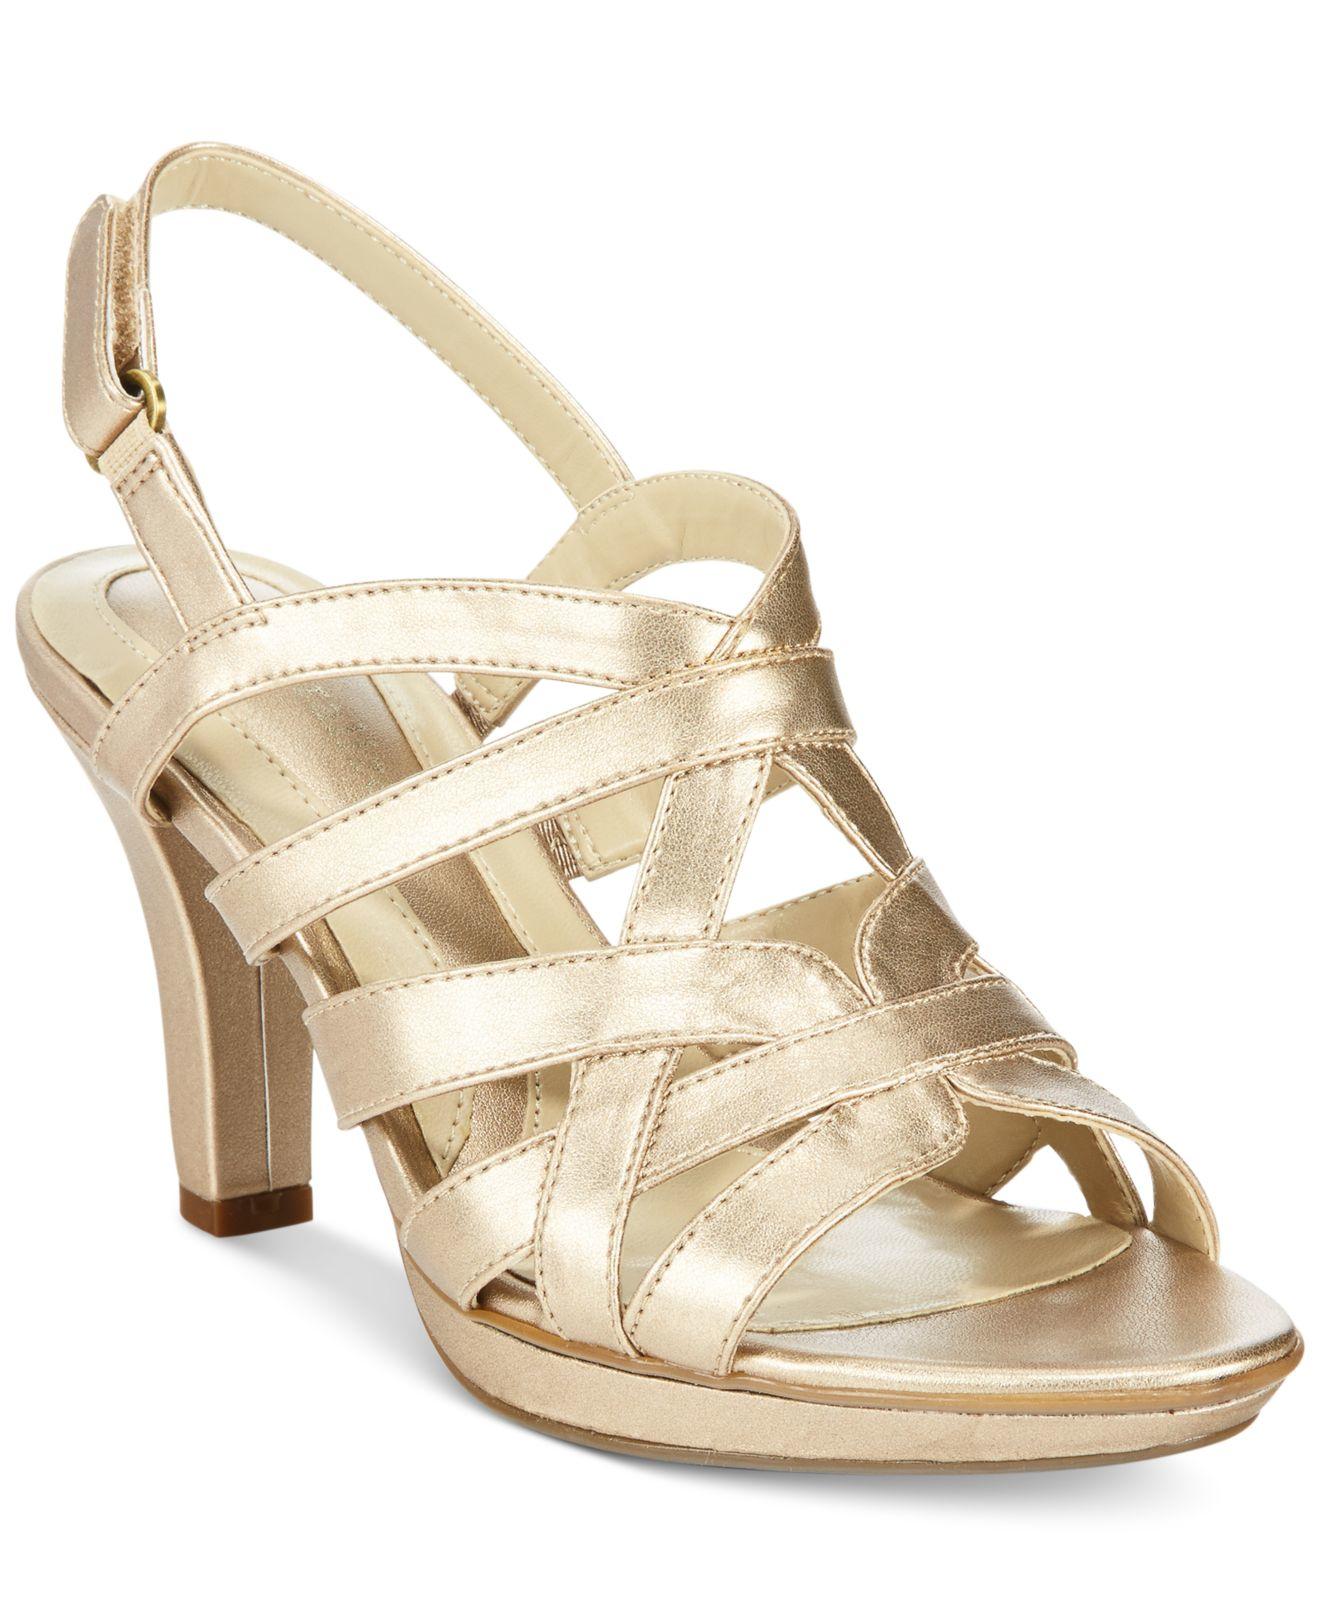 naturalizer gold heels cheap online